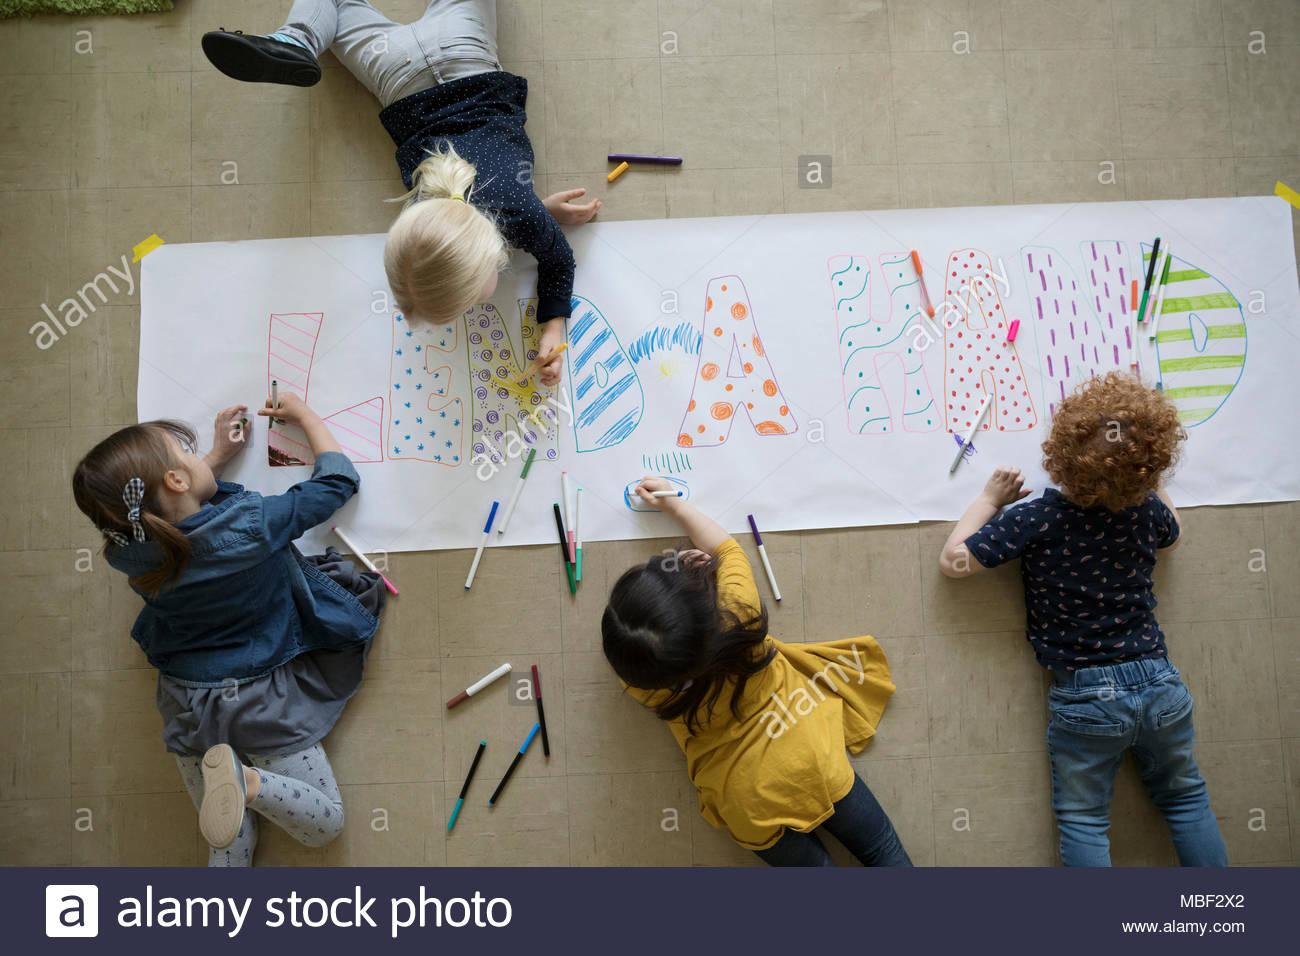 Gemeinschaft konzentriert Vorschulkinder mit Markern Zeichnung auf einem Plakat Stockbild